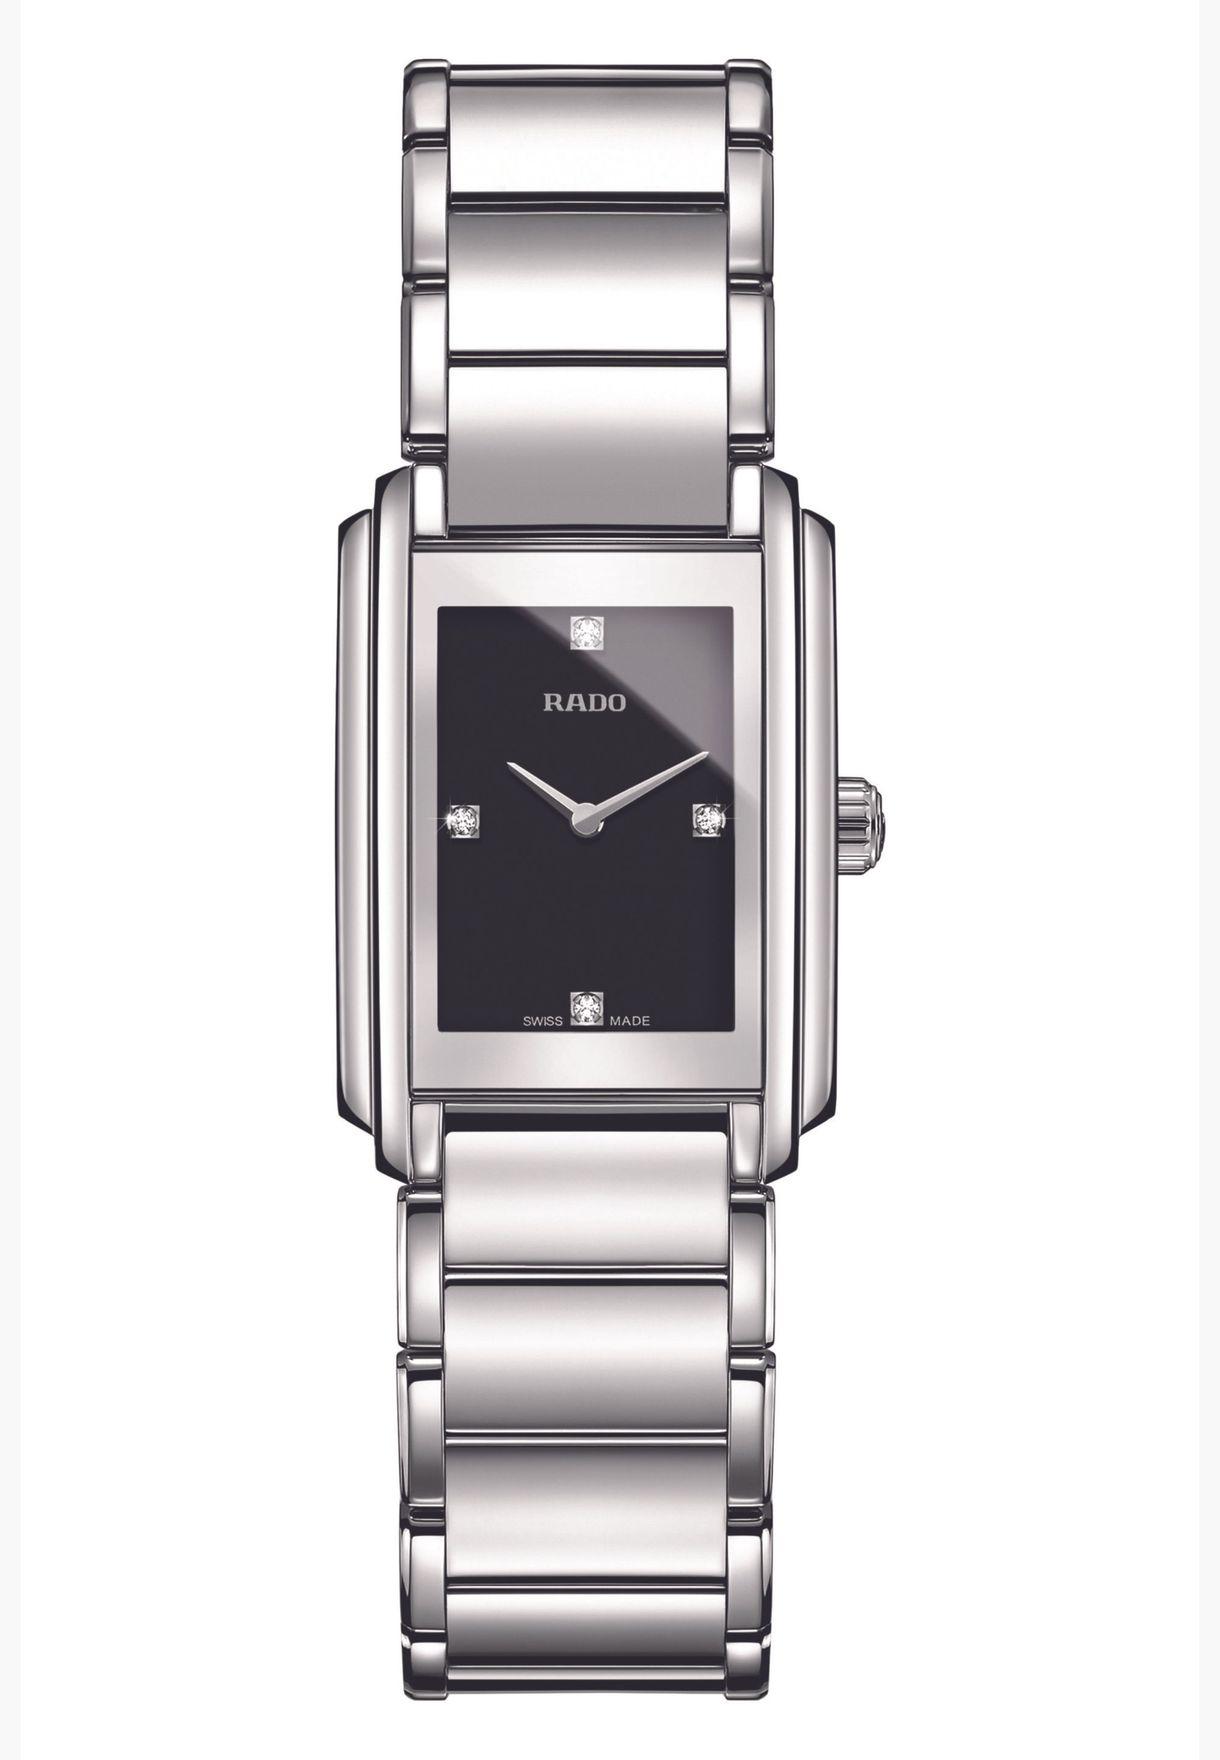 ساعة رادو النسائية المتكاملة - R20213713